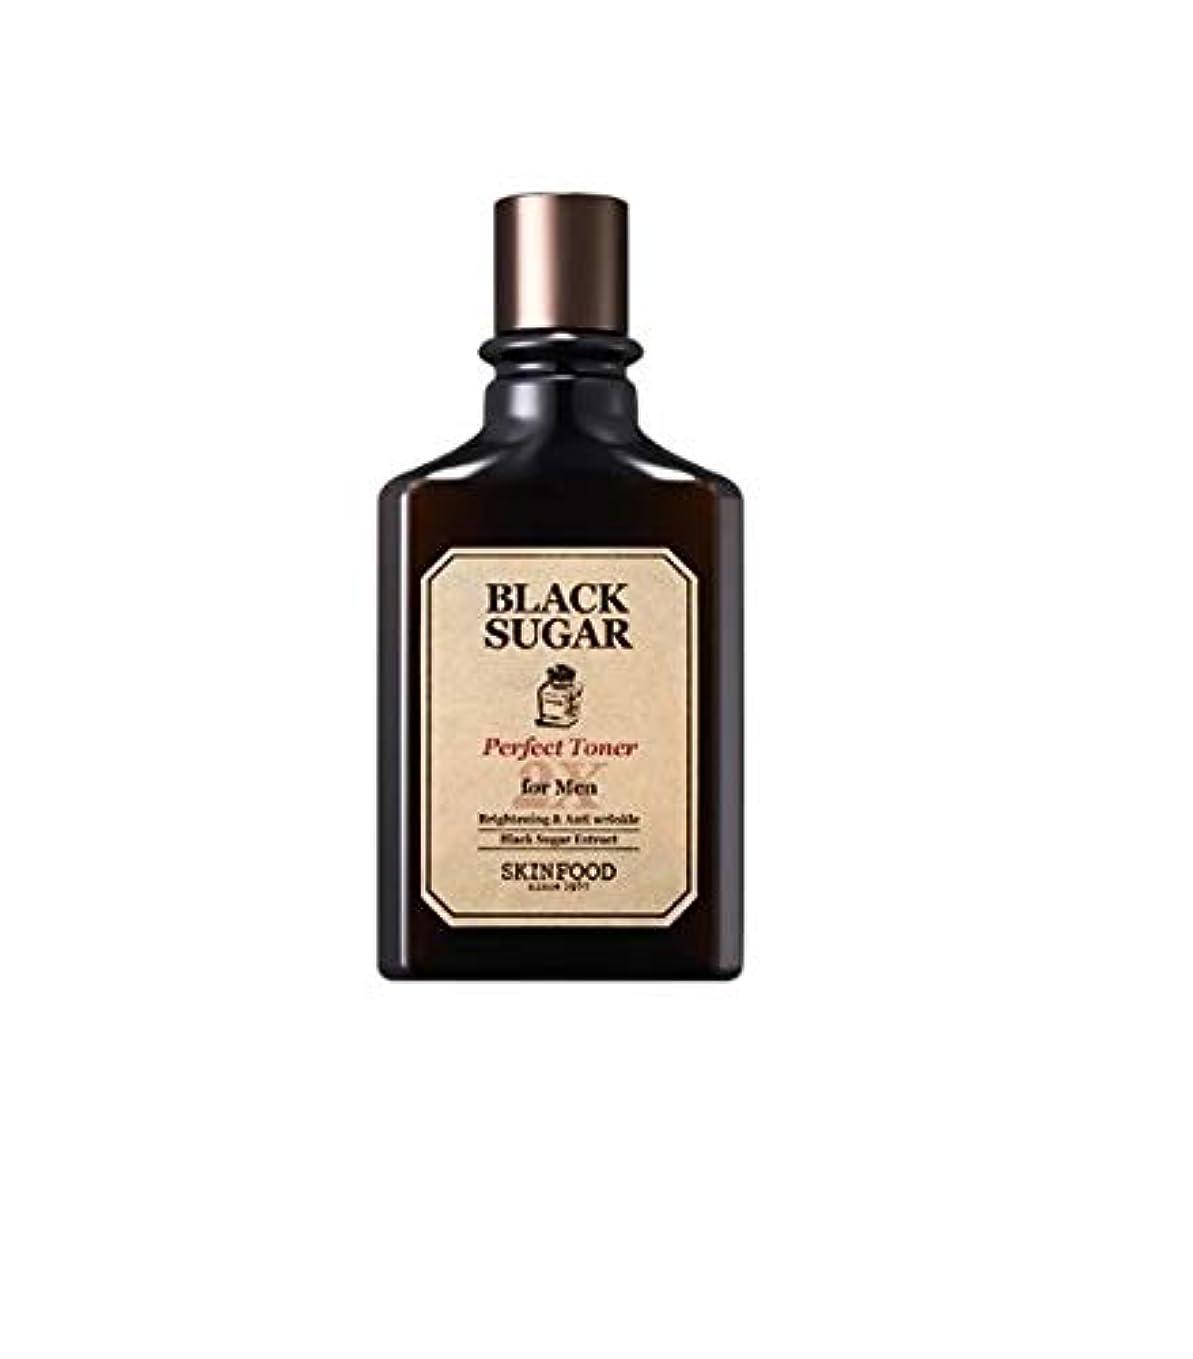 硫黄ジャベスウィルソンブロックするSkinfood 男性用ブラックシュガーパーフェクトトナー2X / Black Sugar Perfect Toner 2X for Men 180ml [並行輸入品]